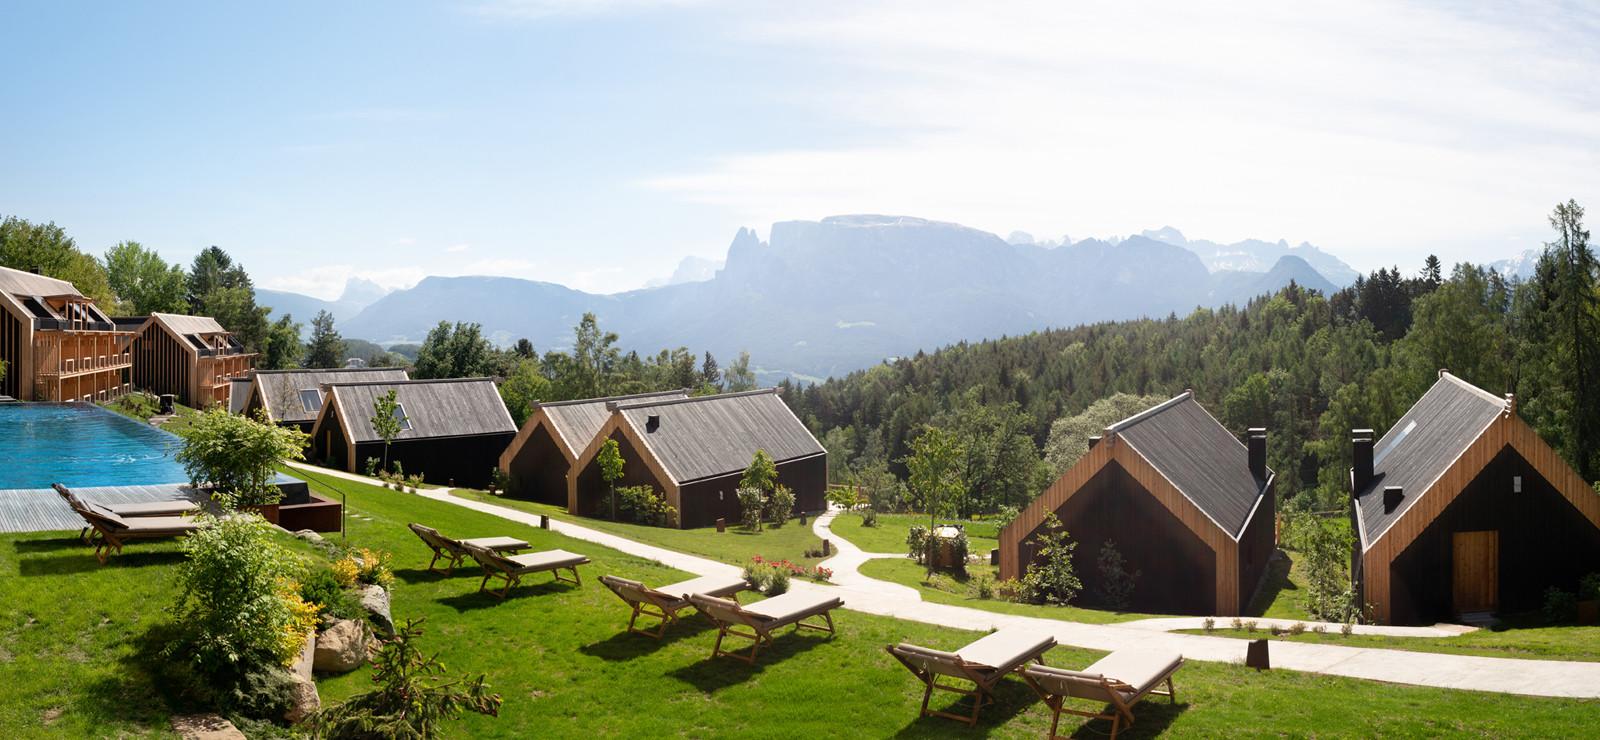 ADLER Lodge RITTEN Bilder | Bild 1